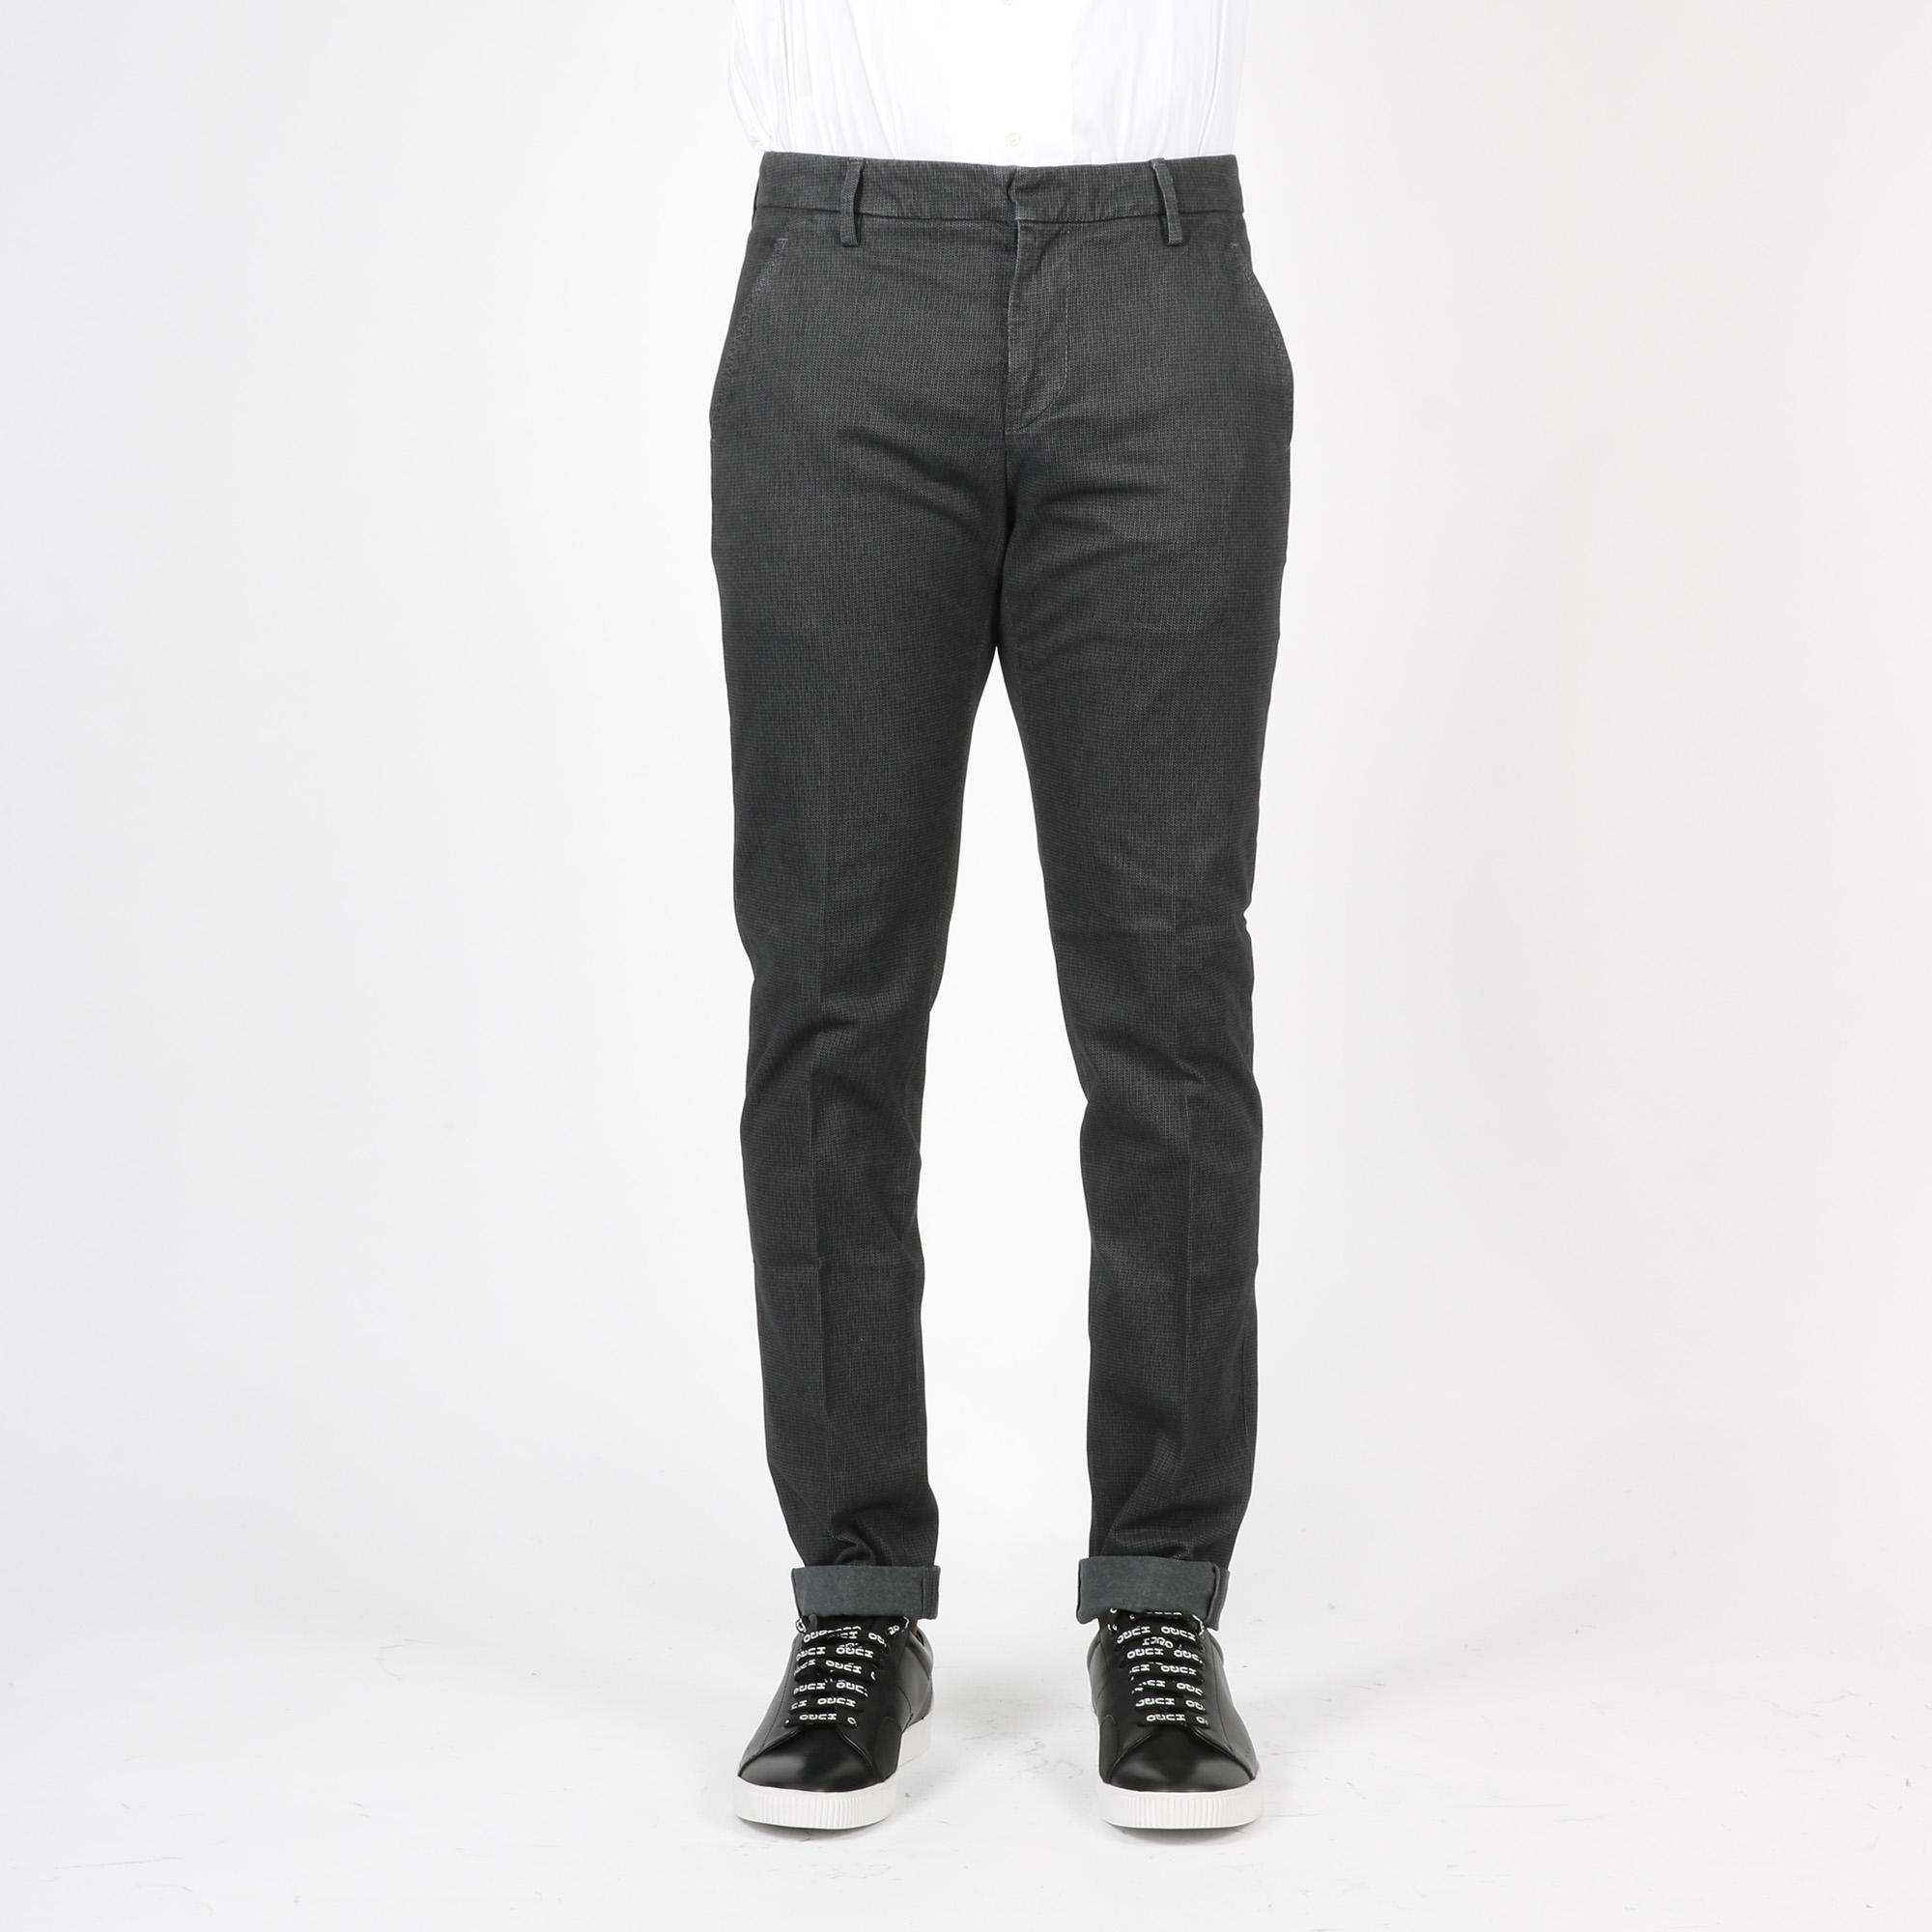 Pantalone gaubert micro pied - Grigio